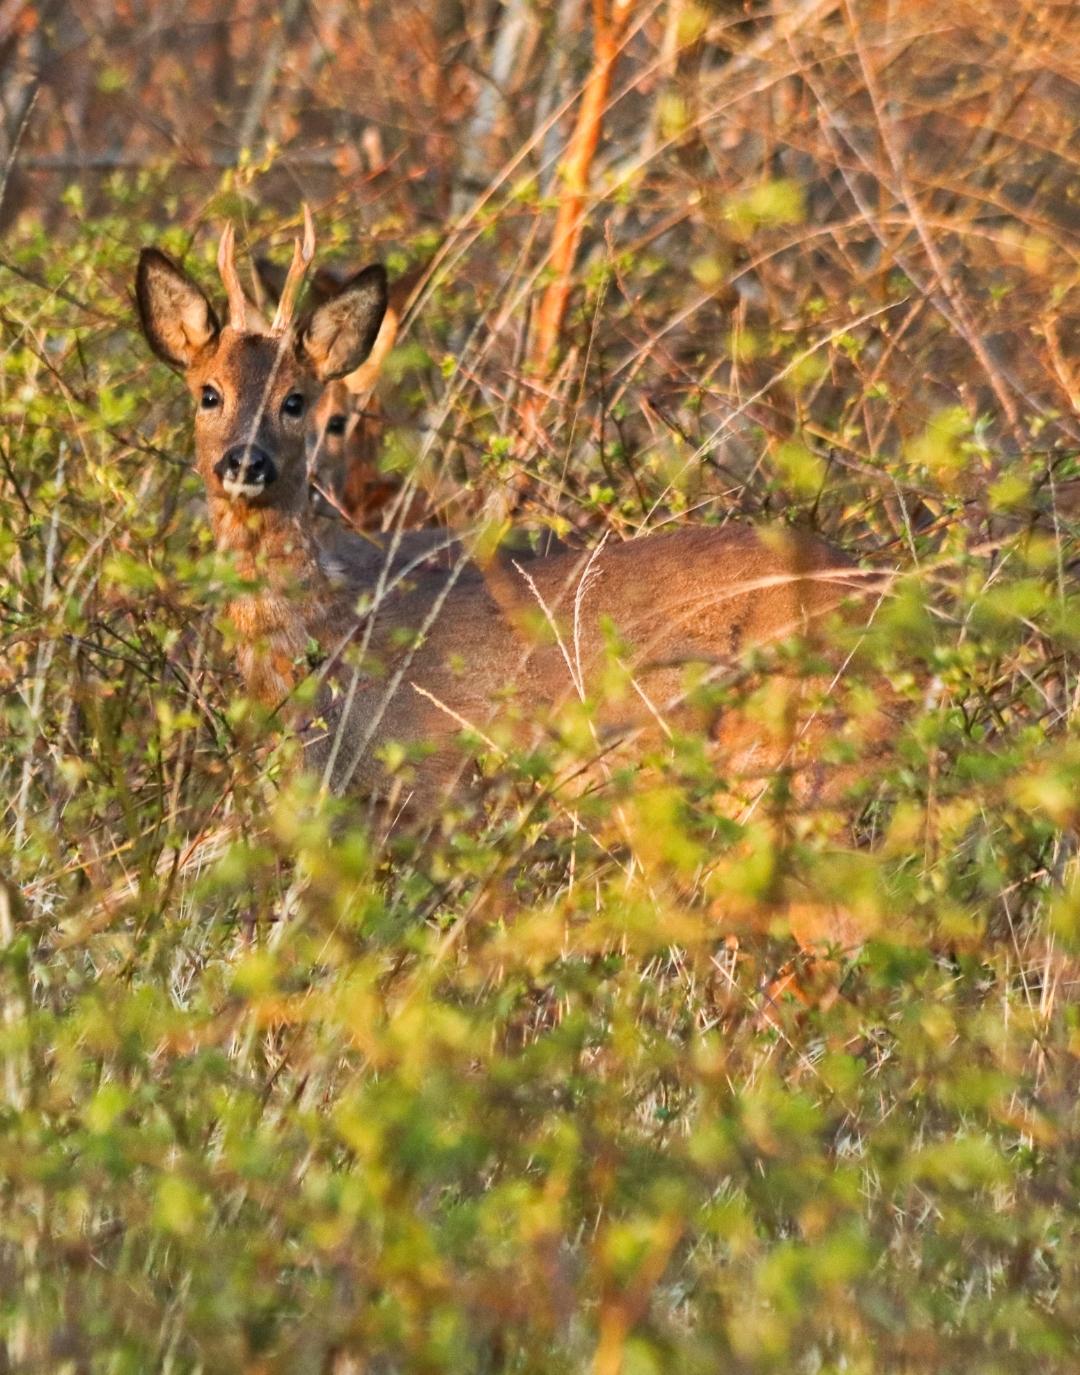 Verscholen in braamstruiken - Op ongeveer 15 meter afstand kunnen komen . - foto door Erikvdzwan op 16-04-2021 - locatie: 8181 Heerde, Nederland - deze foto bevat: fabriek, hout, natuurlijk landschap, herten, gras, fawn, terrestrische dieren, grasland, snuit, staart